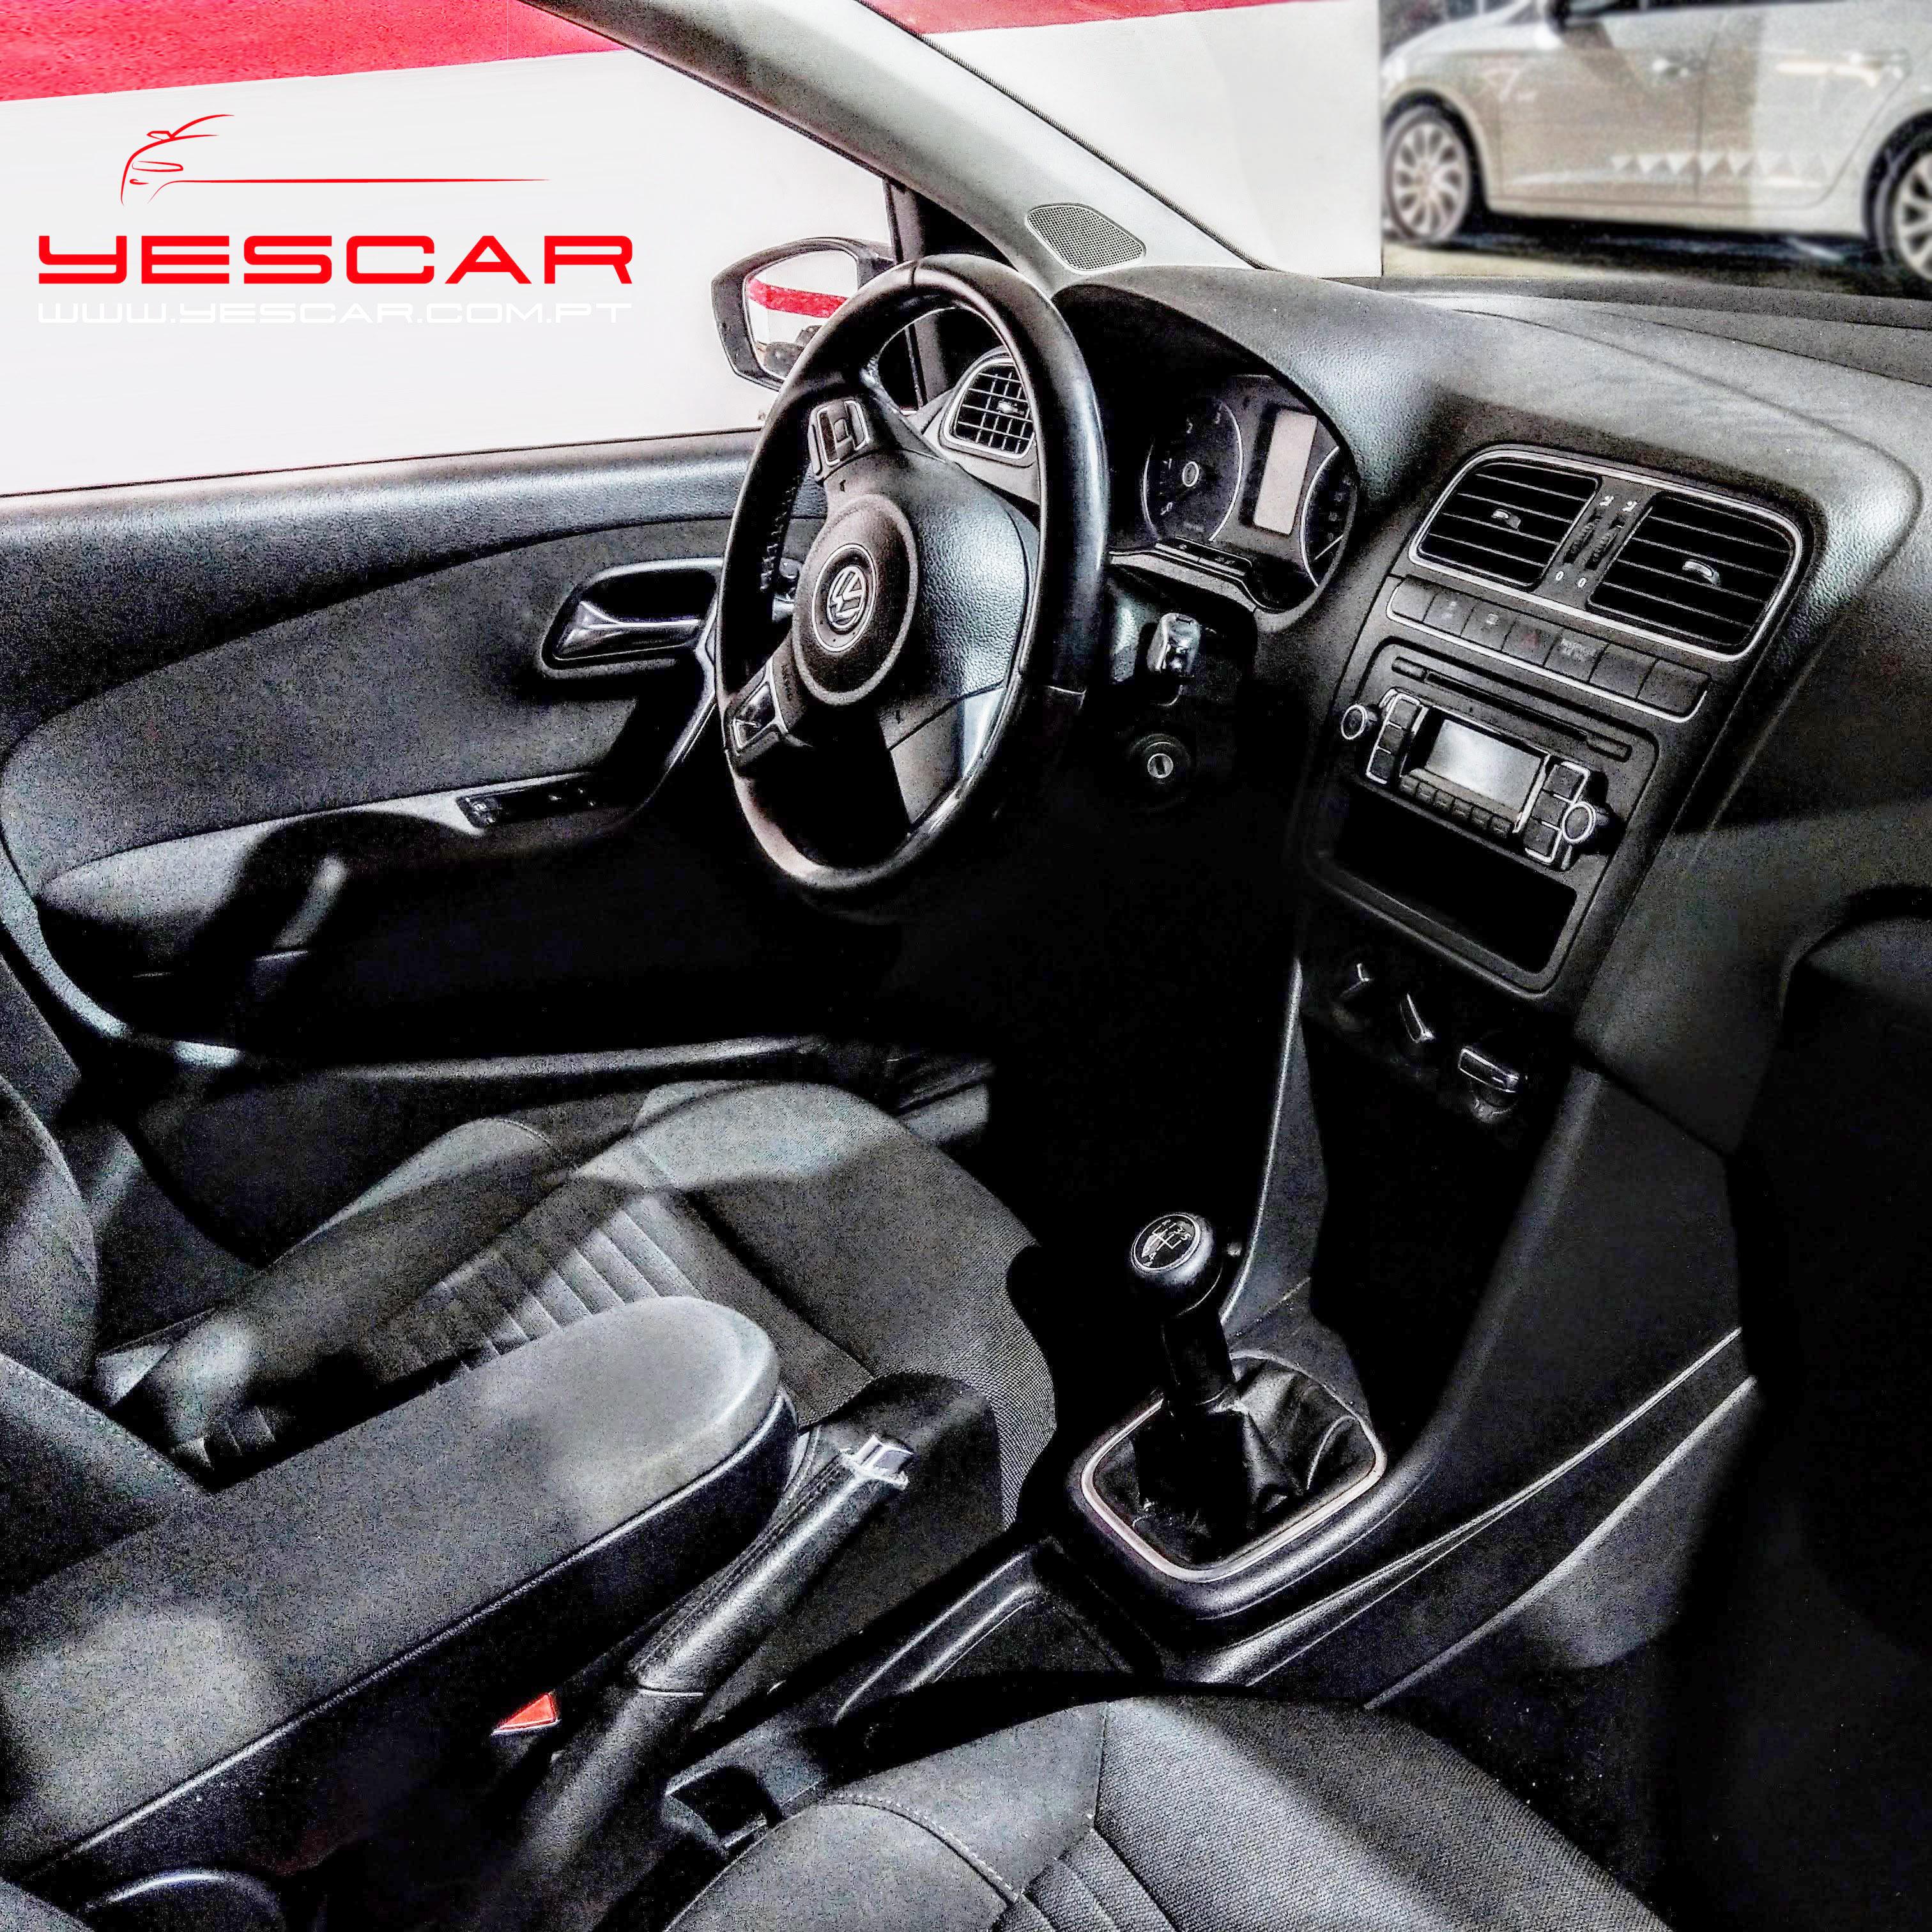 VW_polo12tdi(5)_YESCAR_automoveis